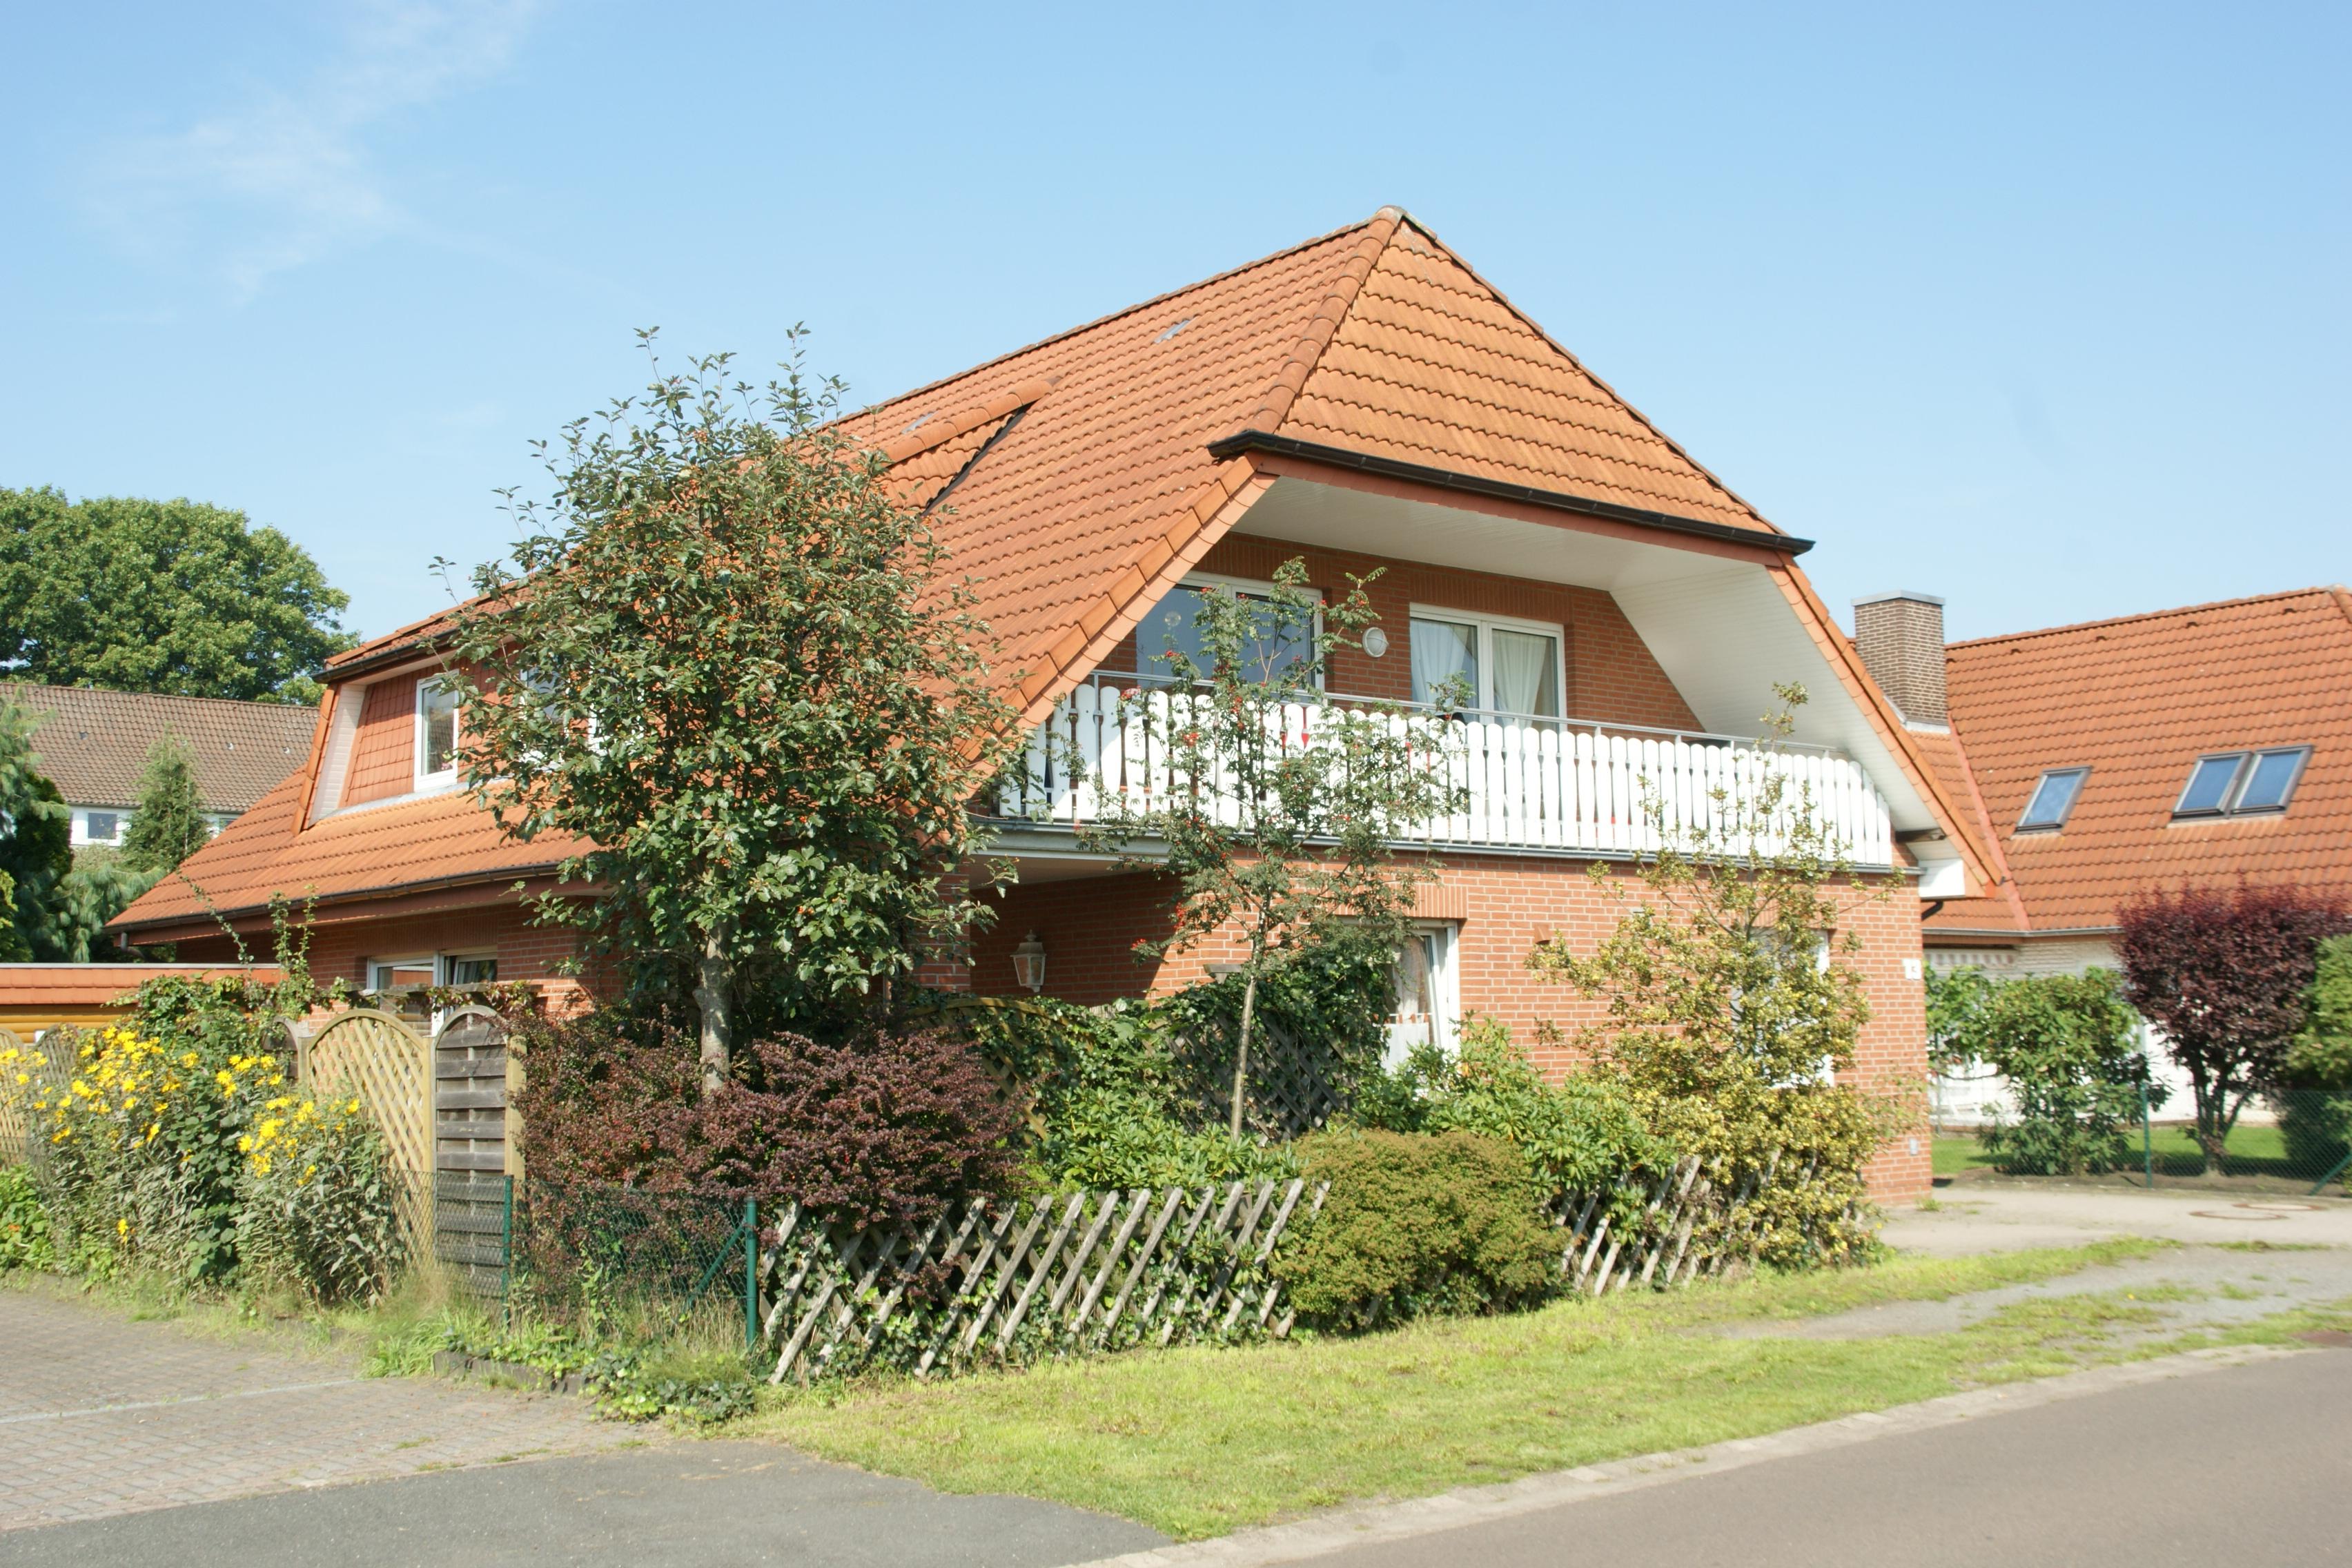 895dcbbfa1c12f Wie würden Sie bei diesem Haus die Wohnfläche berechnen  Für viele  Entscheidungen auf dem Immobilienmarkt ist die richtige Wohnfläche der  Ausgangspunkt.